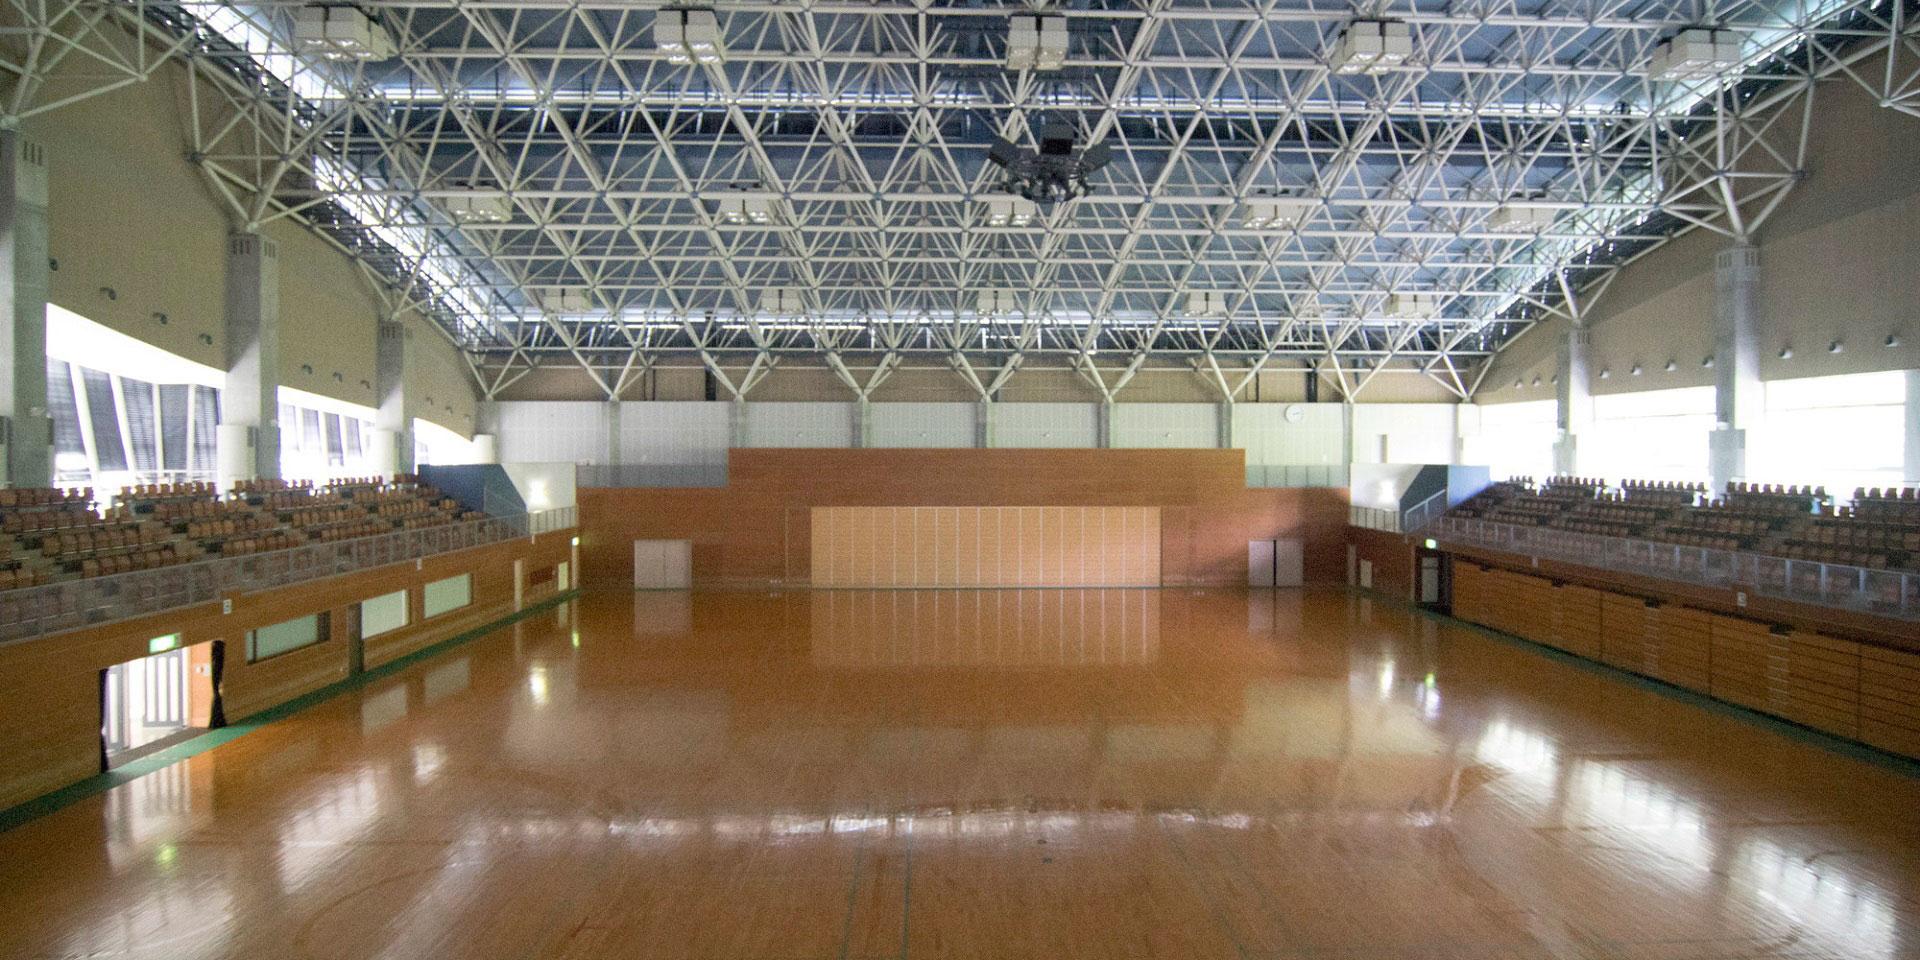 光スポーツ公園(光市総合体育館)